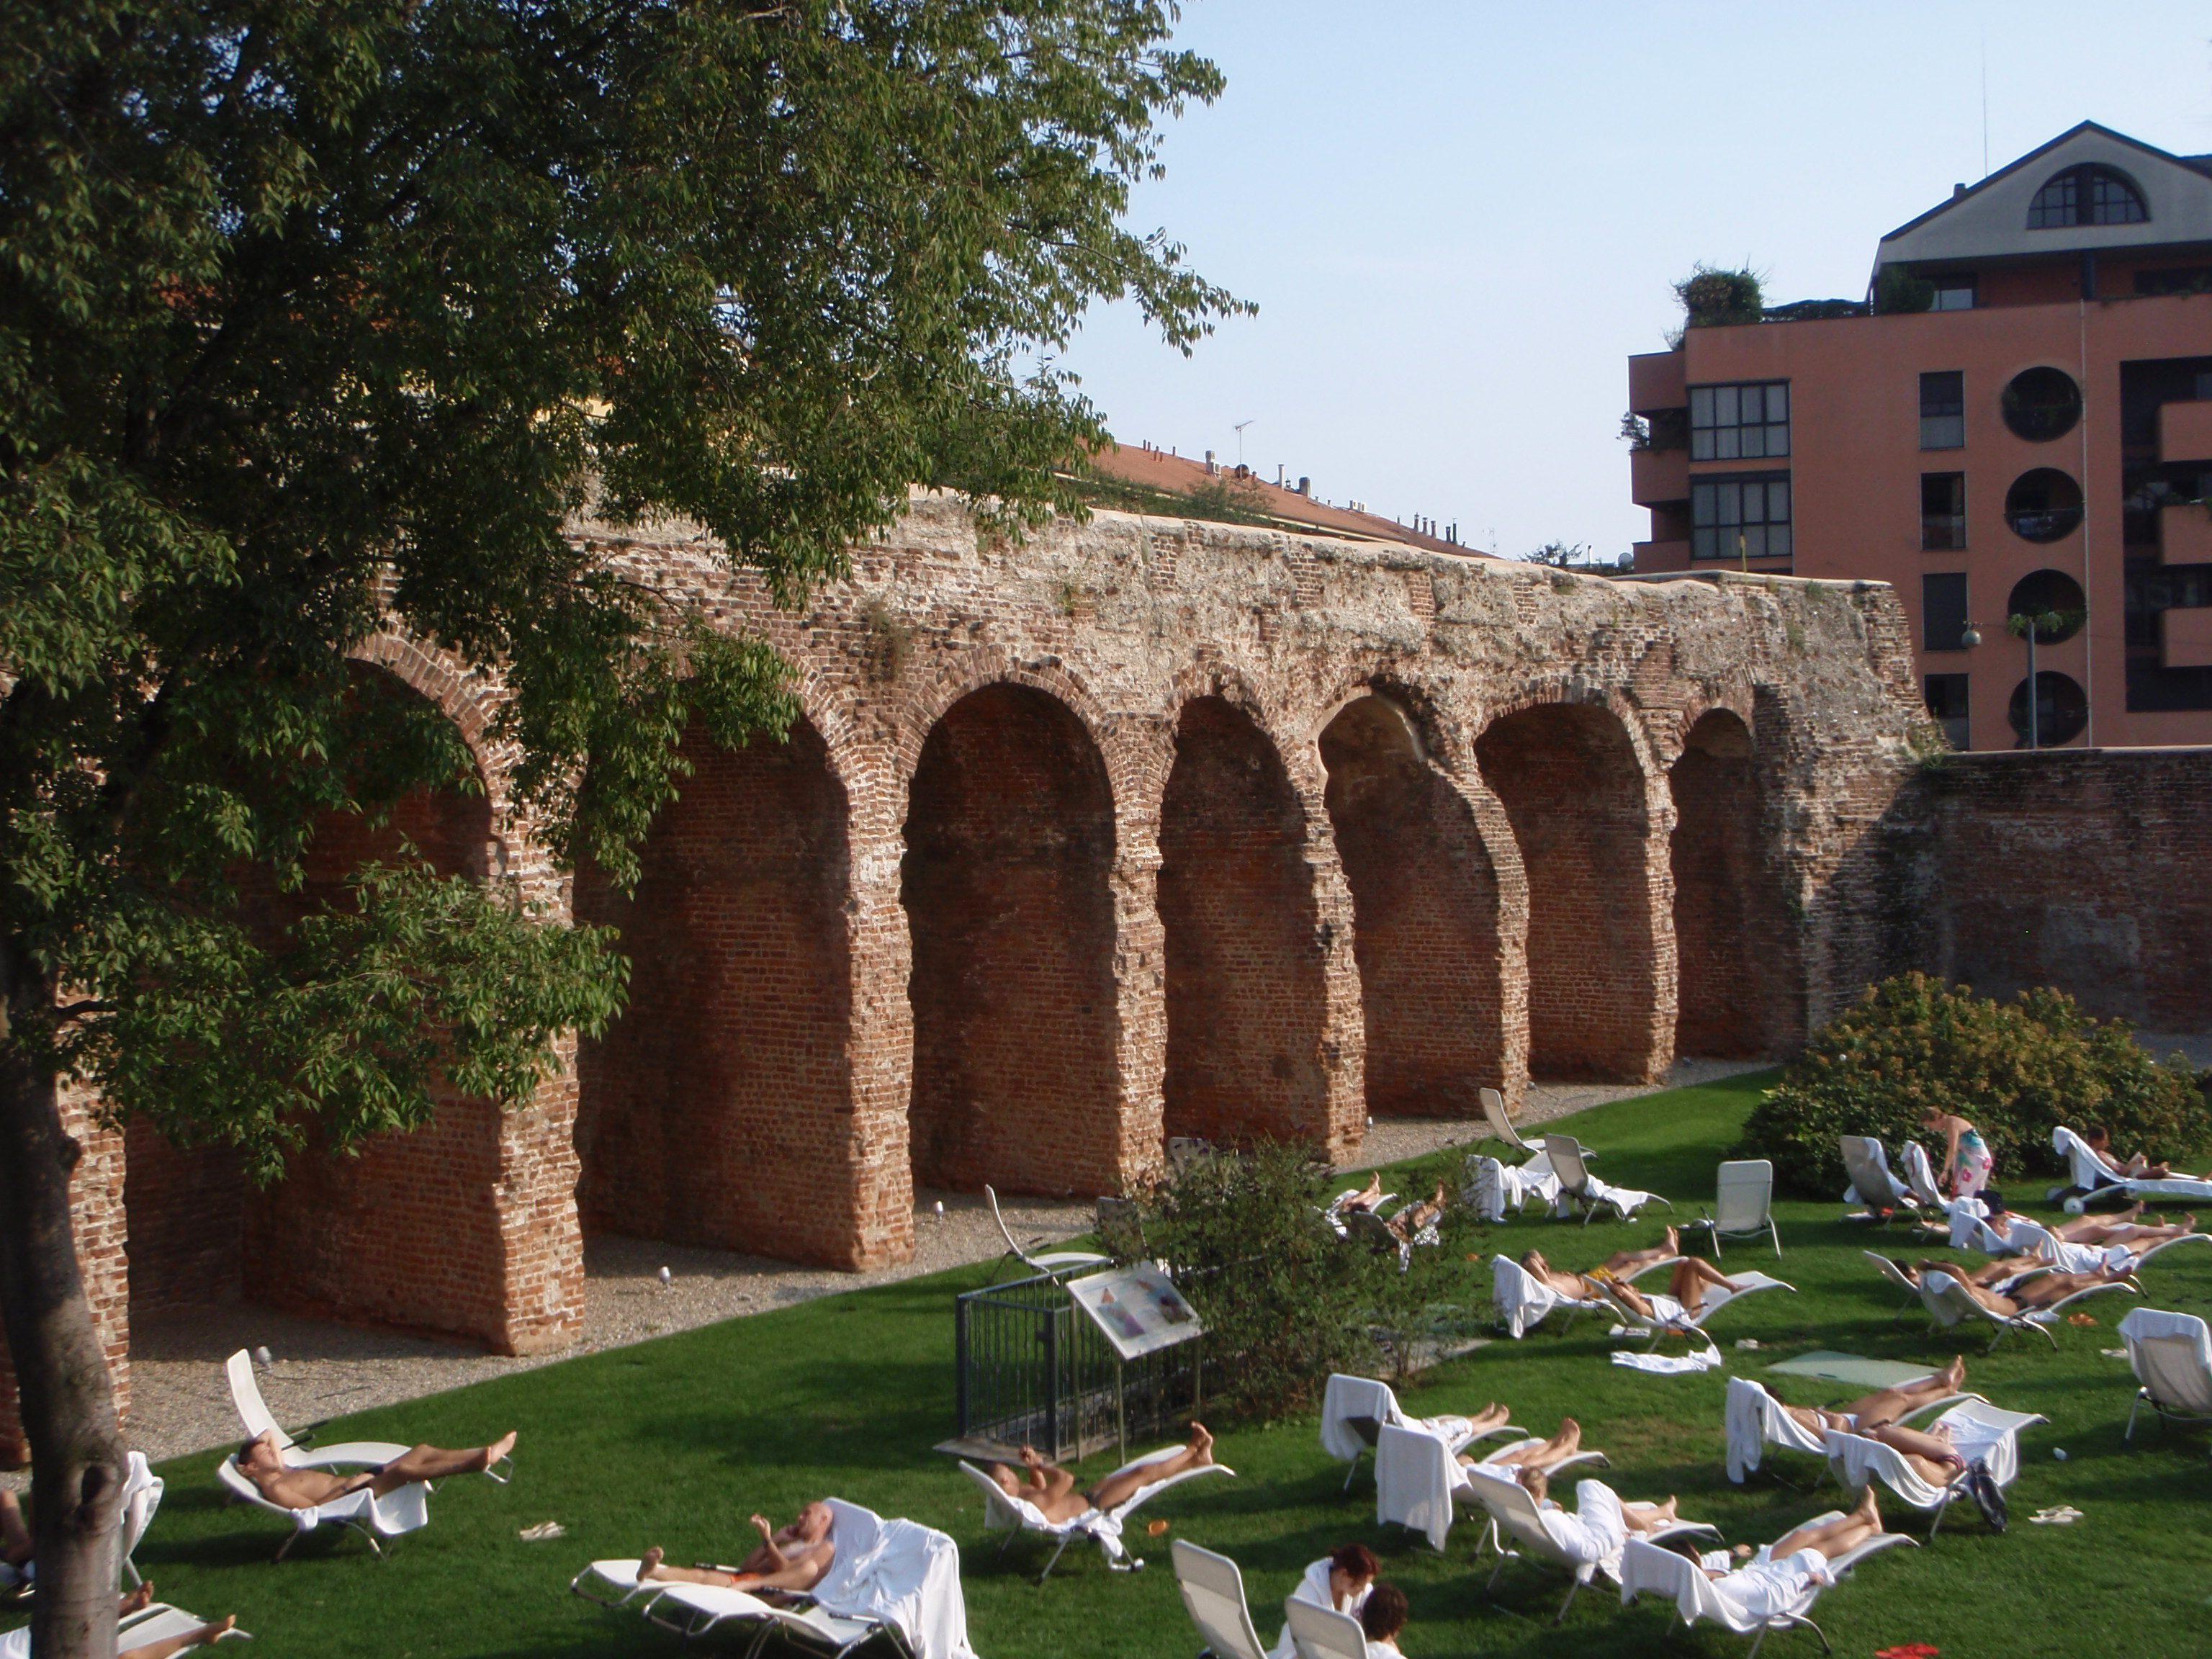 Continua il viaggio nella milano da conoscere - Porta romana viaggi ...